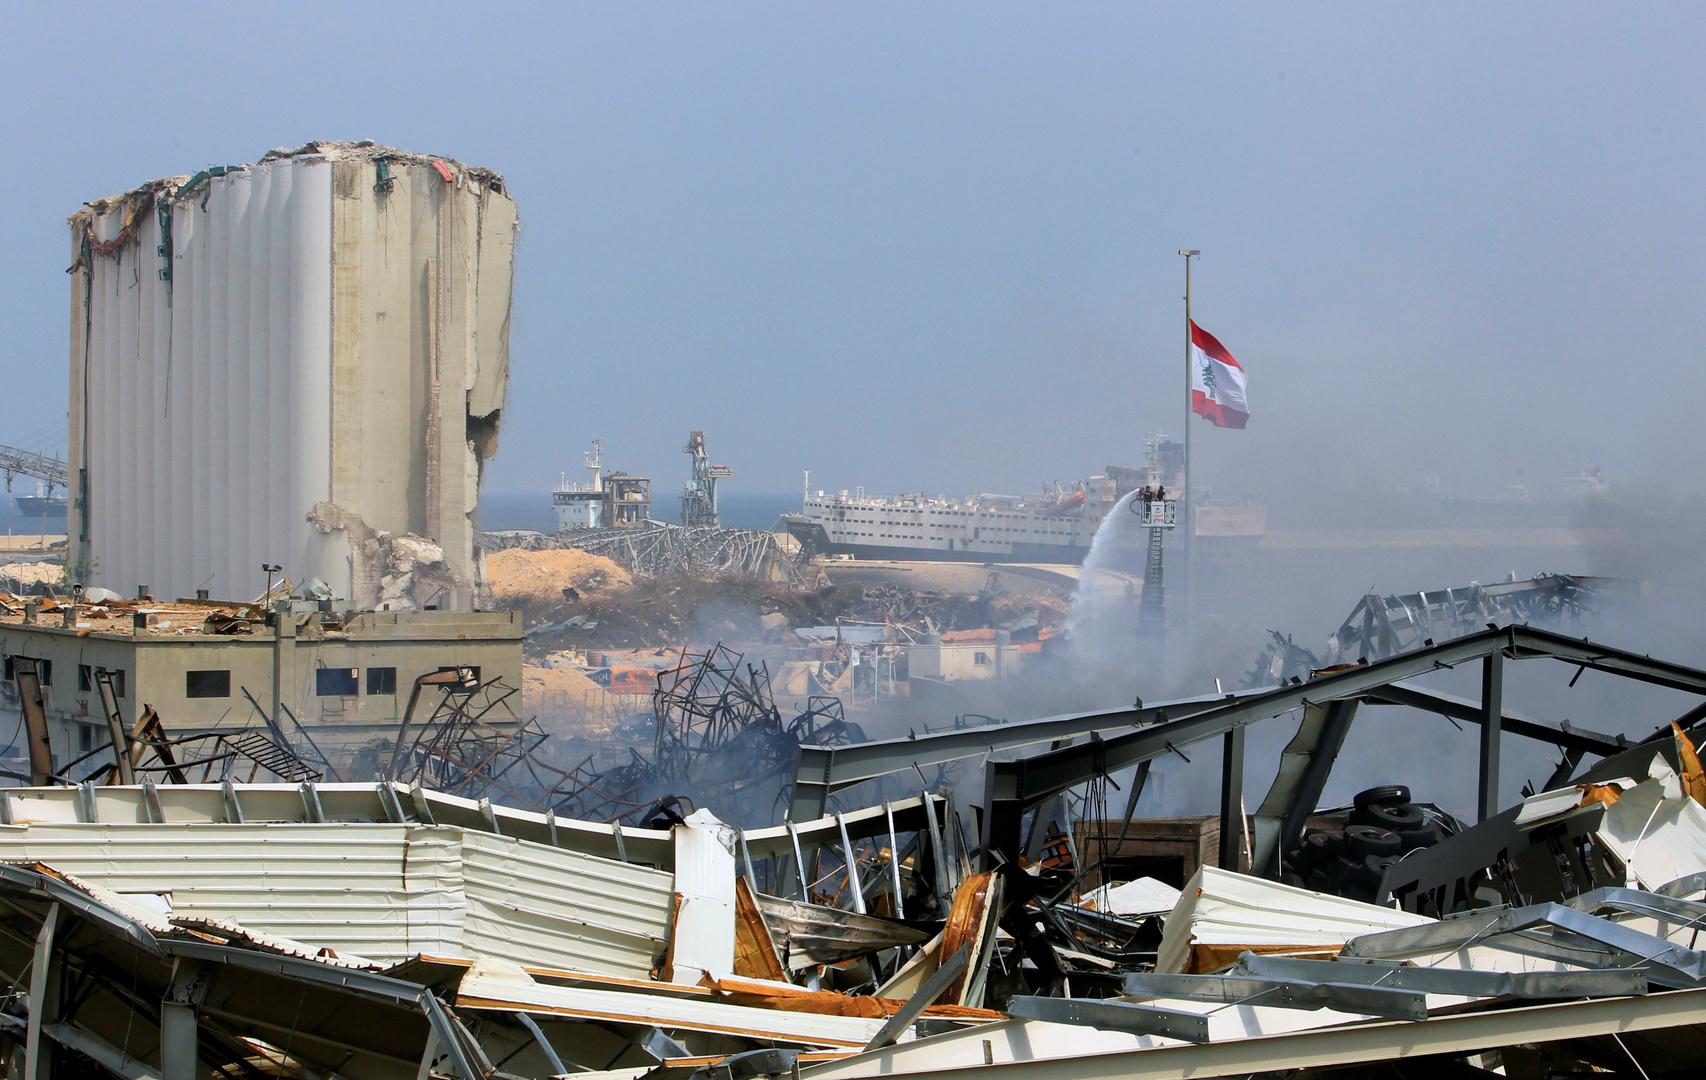 في اليوم الأول من2021 لبنانية تستيقظ من غيبوبتها بعد 5 أشهر من إصابتها في انفجار مرفأ بيروت